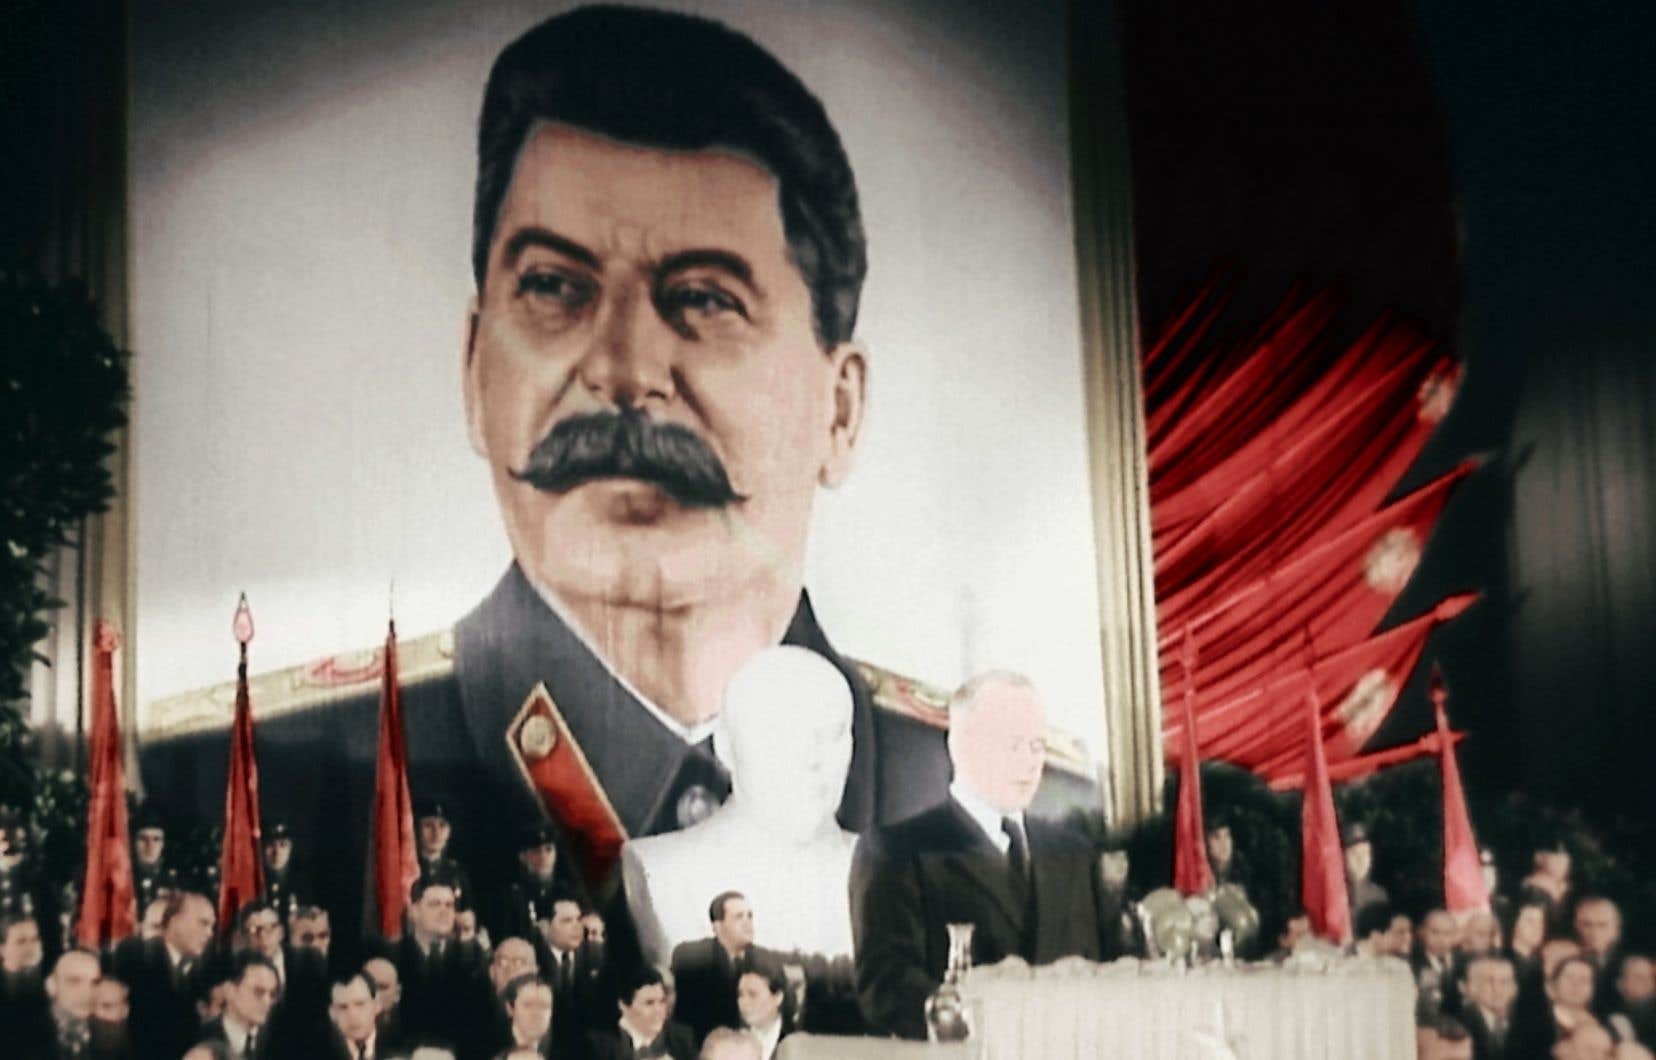 La série «Apocalypse» revient avec un chapitre sur la guerre froide